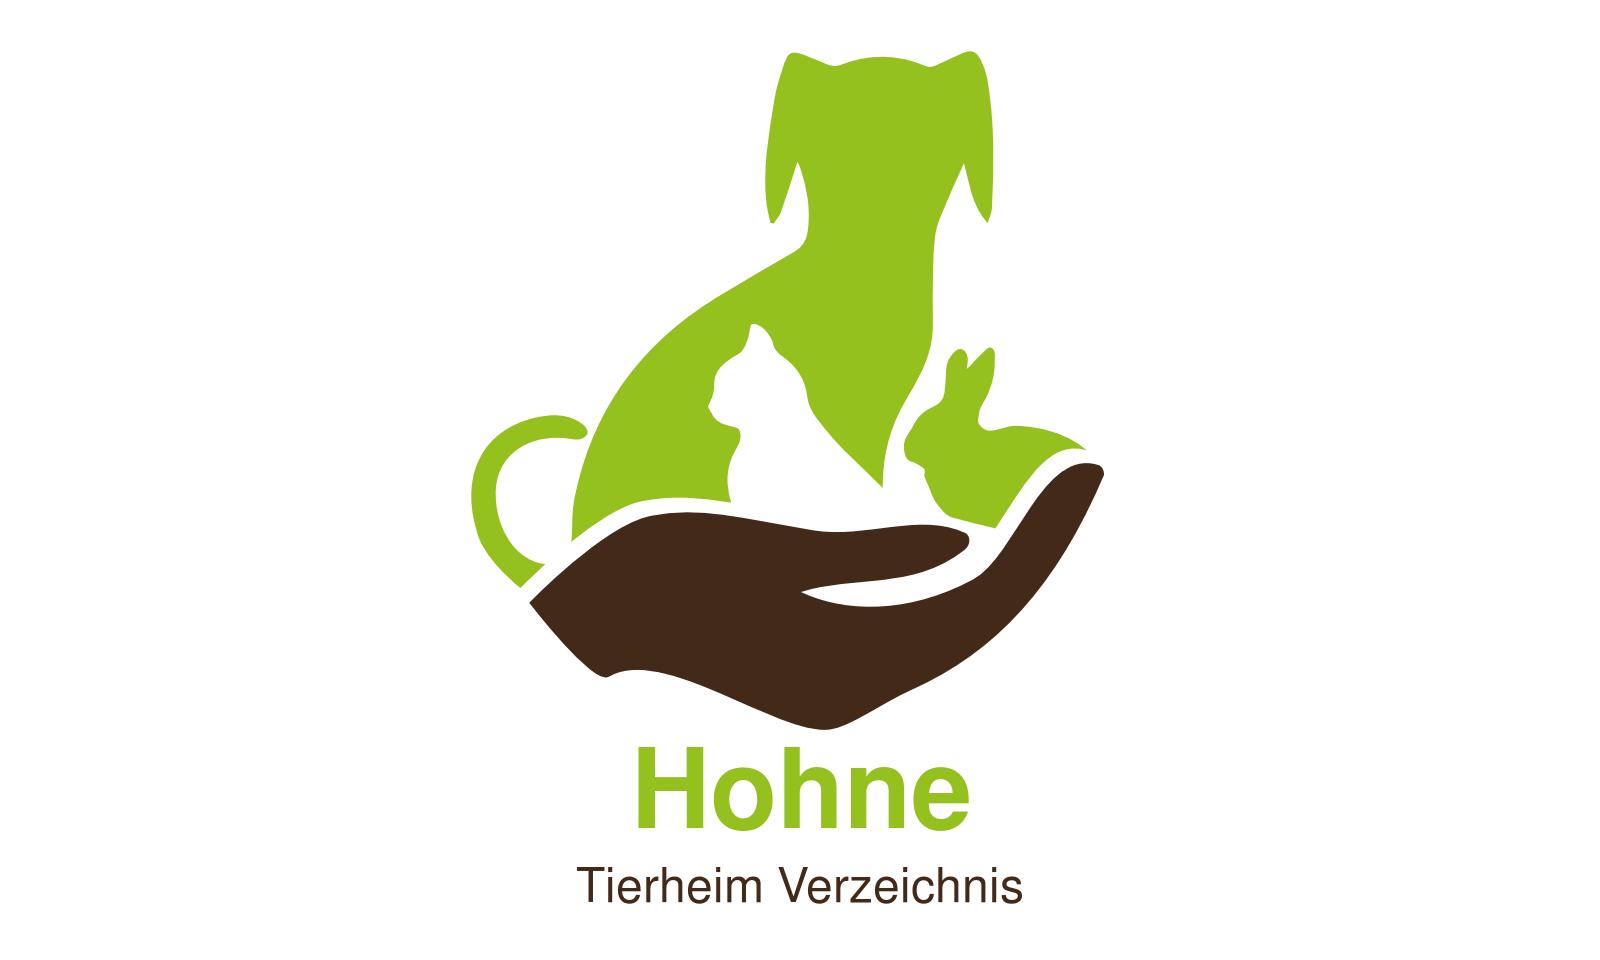 Tierheim Hohne